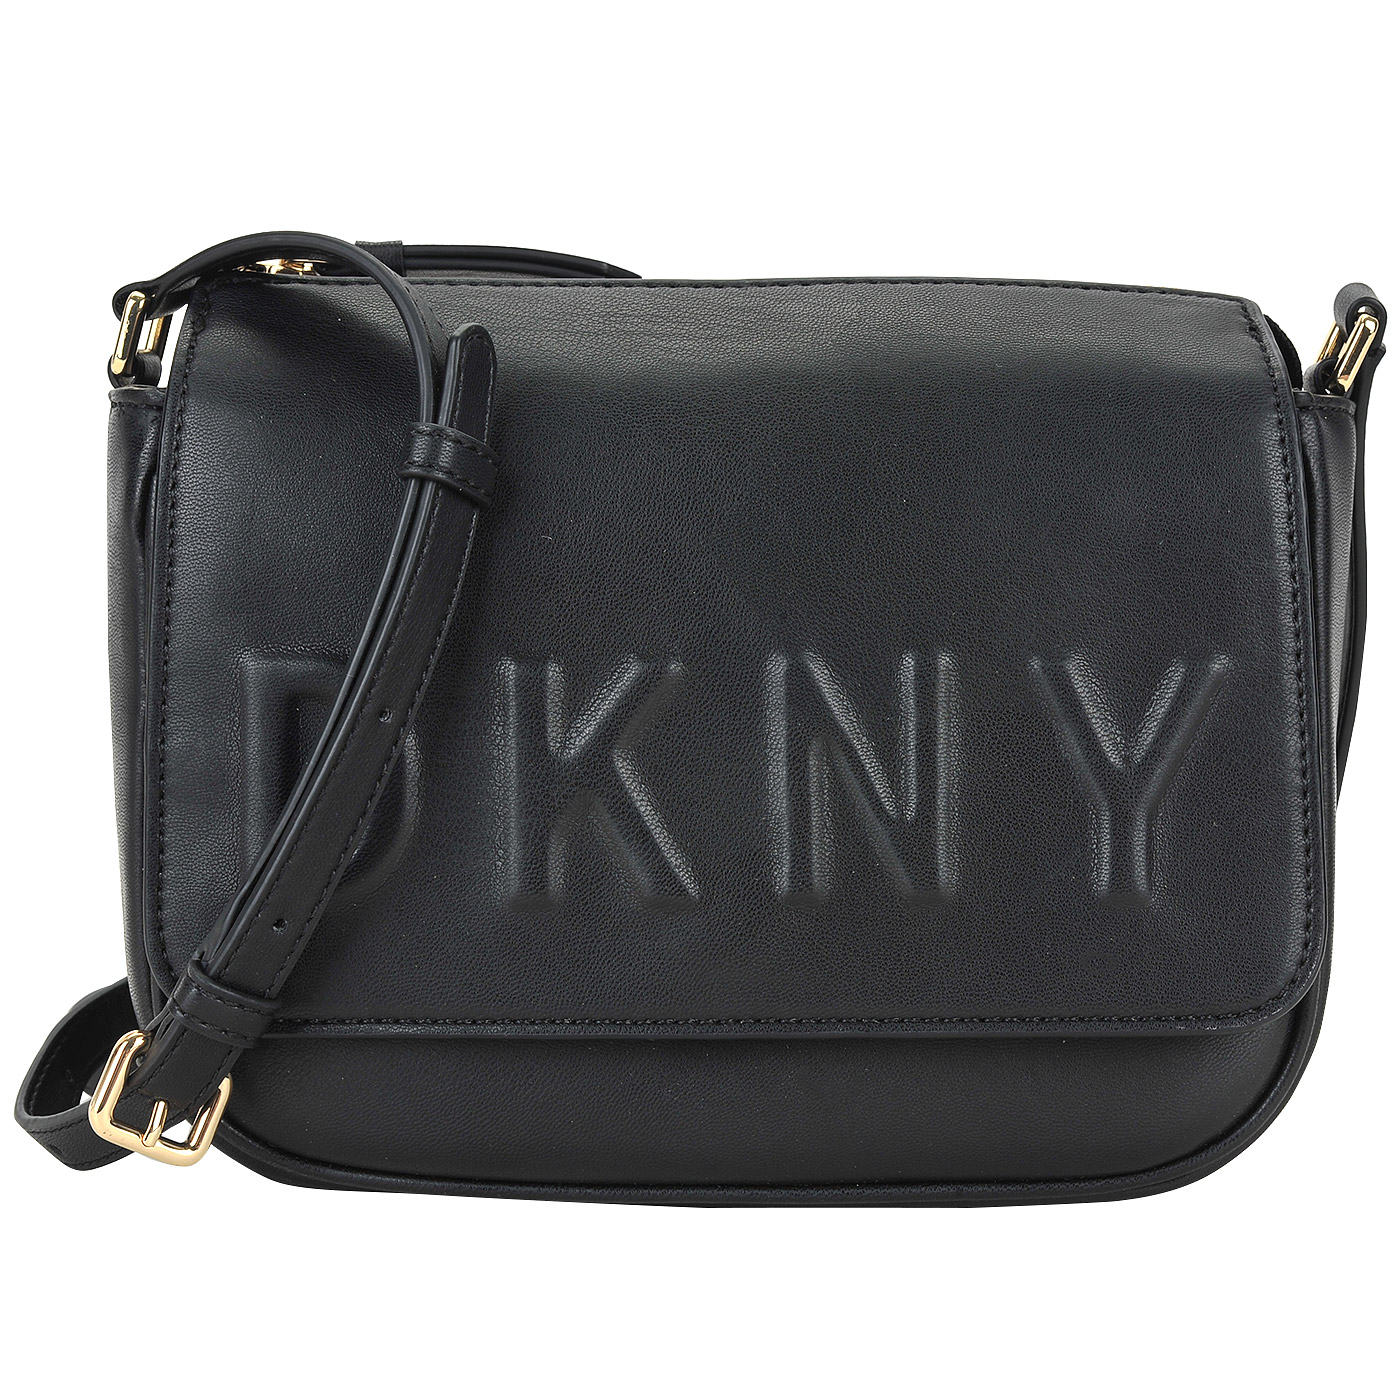 d5803bb47515 Женская черная сумка DKNY Debossed Logo R74EZ060-001 - 2000557833869 ...